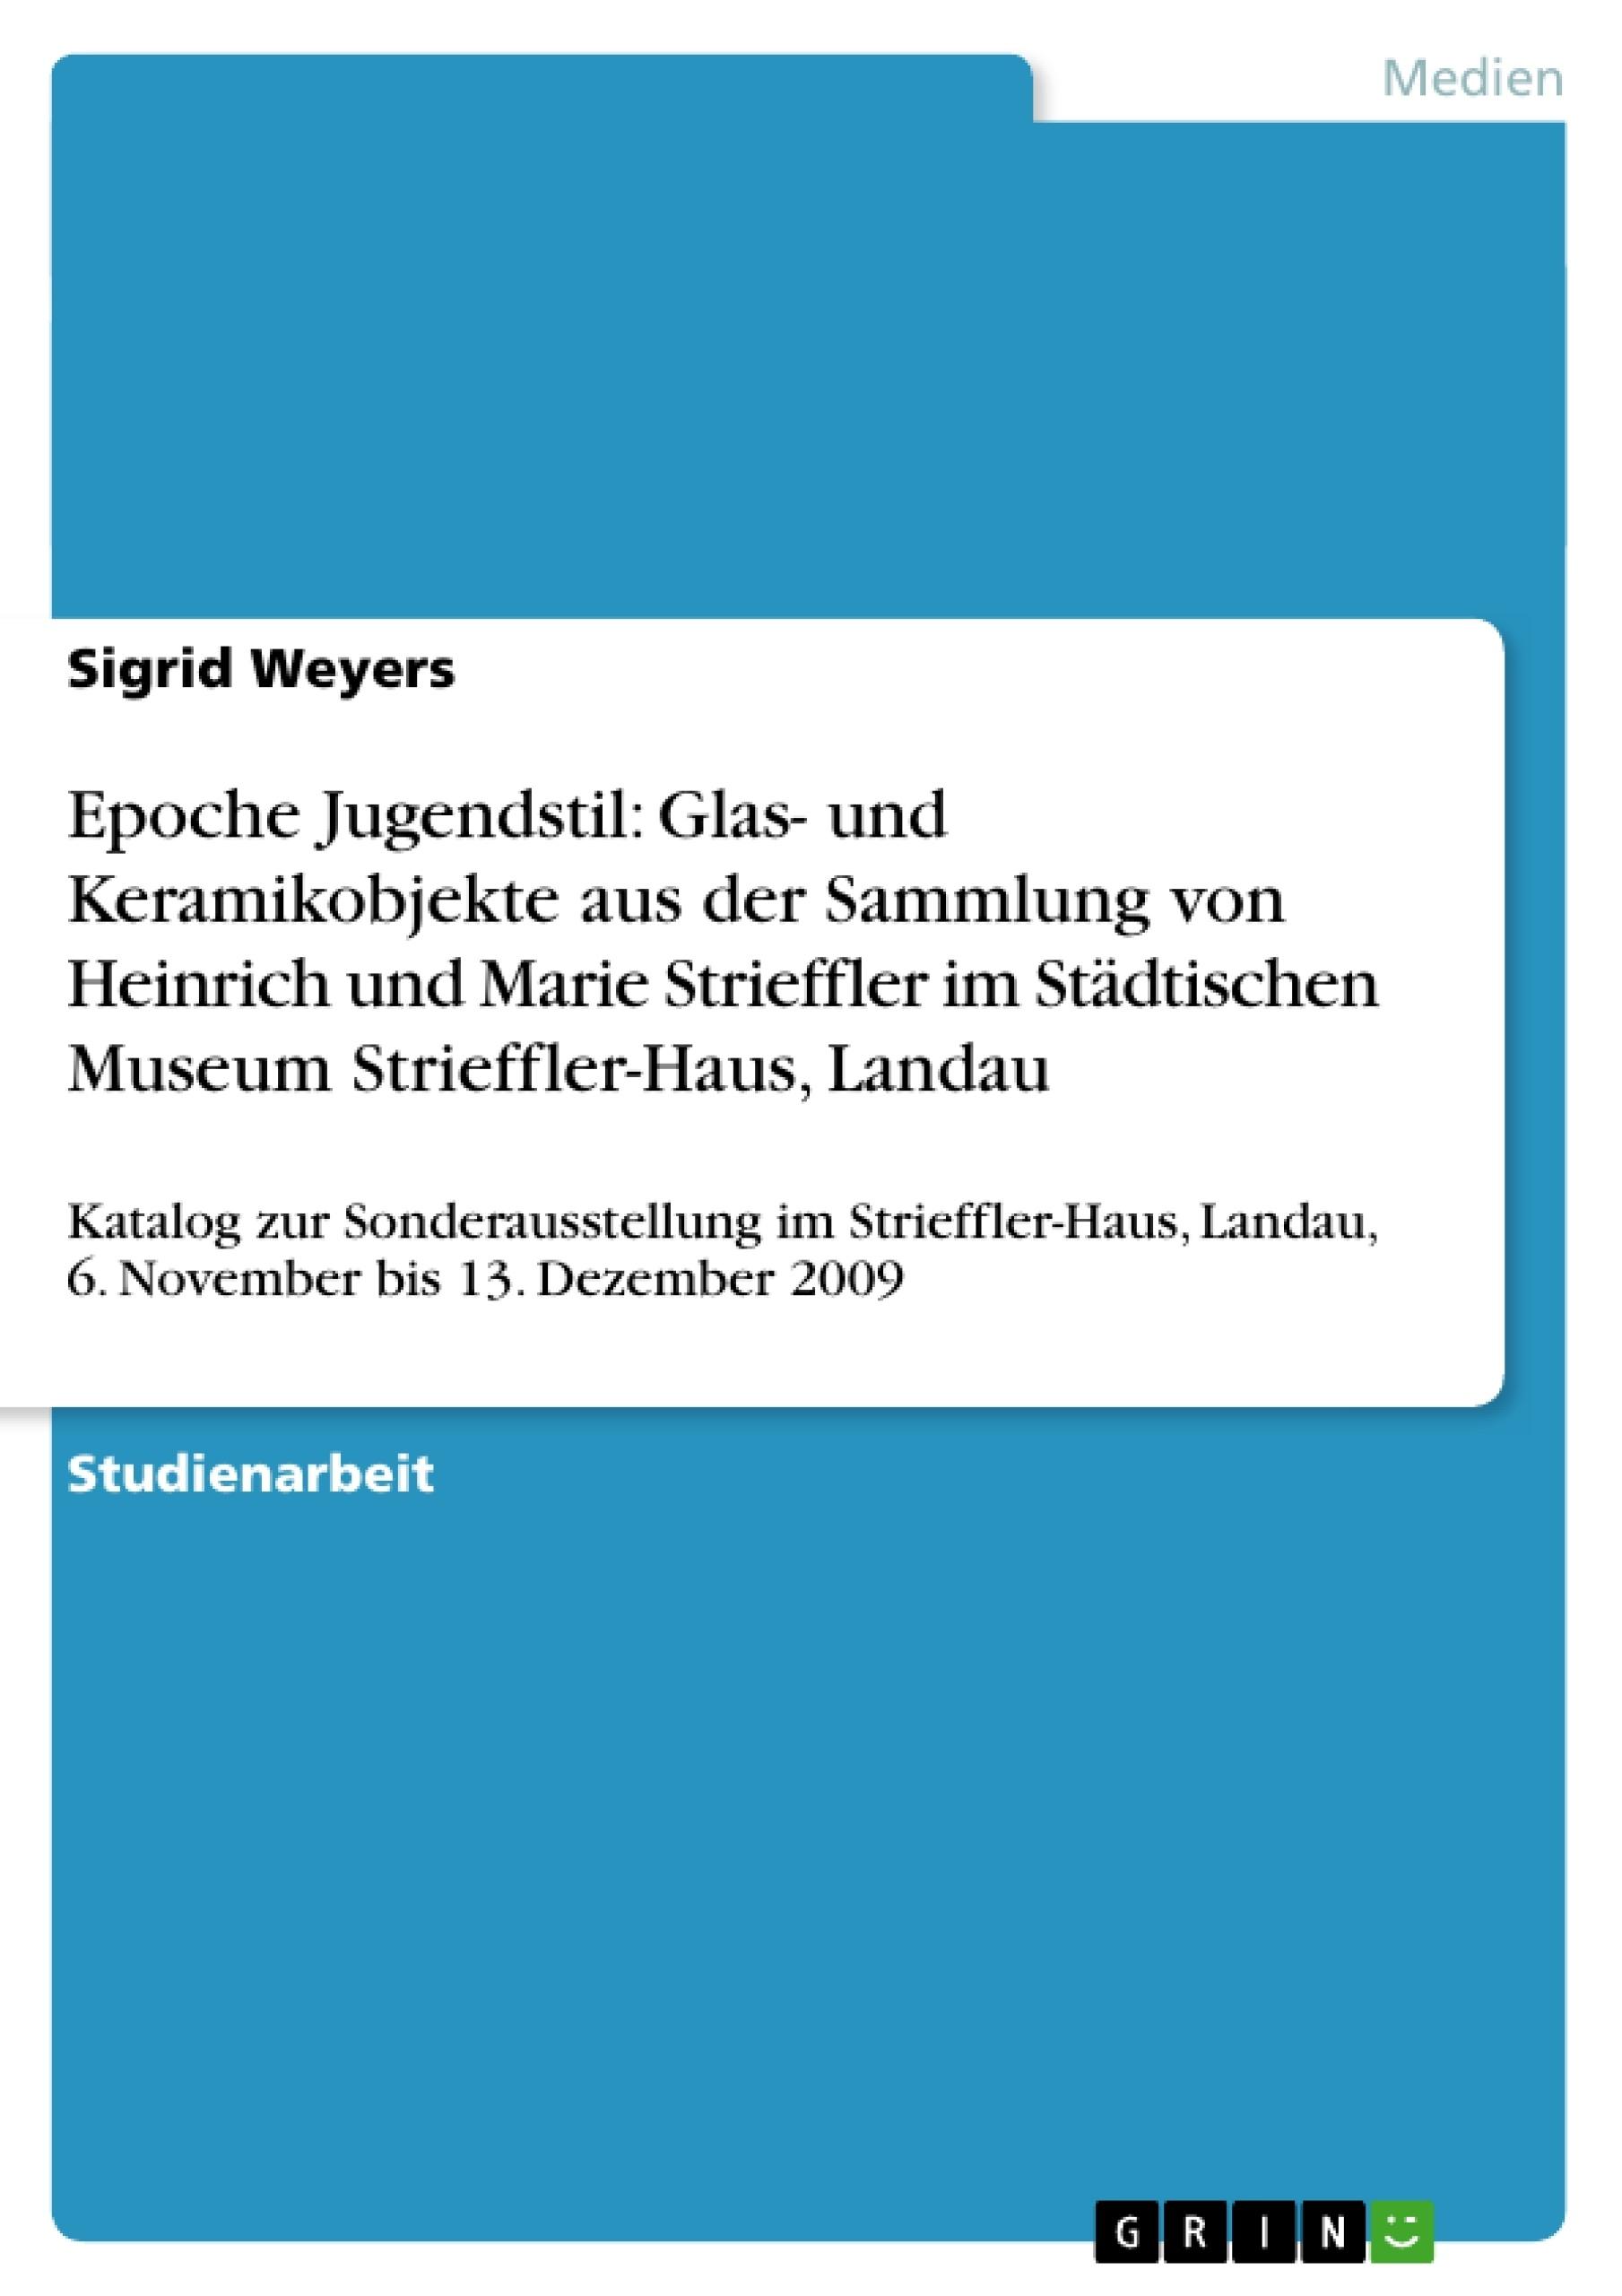 Titel: Epoche Jugendstil: Glas- und Keramikobjekte aus der Sammlung von Heinrich und Marie Strieffler im Städtischen Museum Strieffler-Haus, Landau